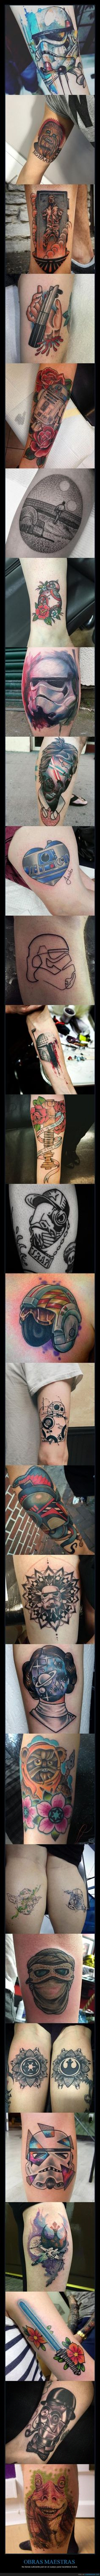 En mi segundo pin, he elegido esta imagen de tatuajes, que se han echo fanes de Star Wars. Y aunque tal vez haya gente que no lo crea, los tatuajes también se pueden considerar arte. Los tatuajes, yo al menos, los considero arte, porque estos en particular desprende más sentimiento que ningún otro tipo de obra.